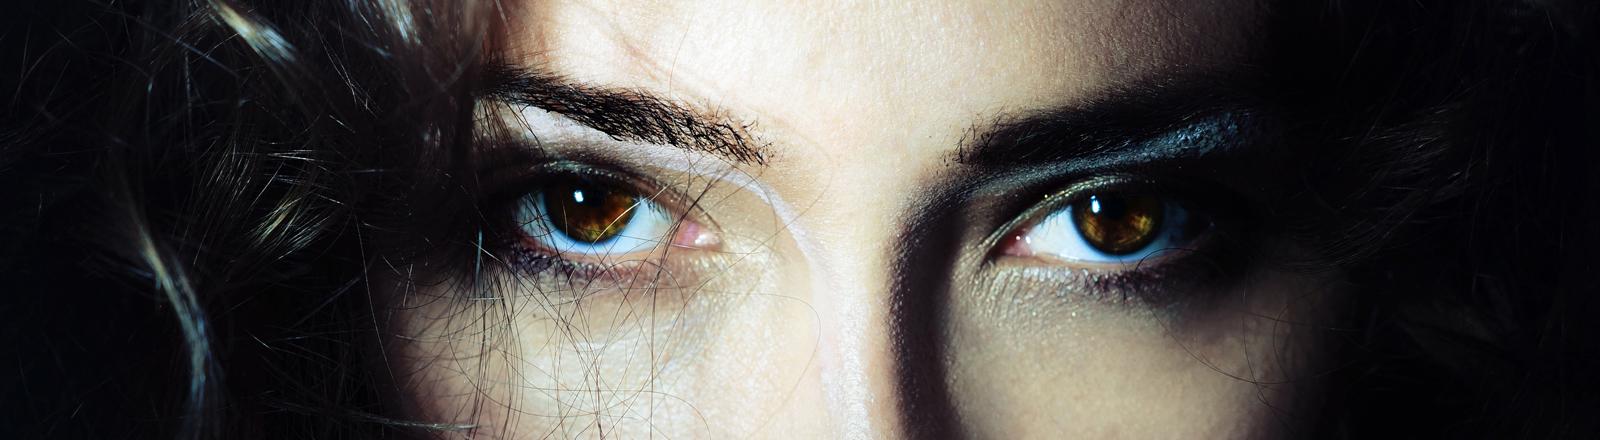 Nahaufnahme eines Frauengesichts mit dunklen Augen.